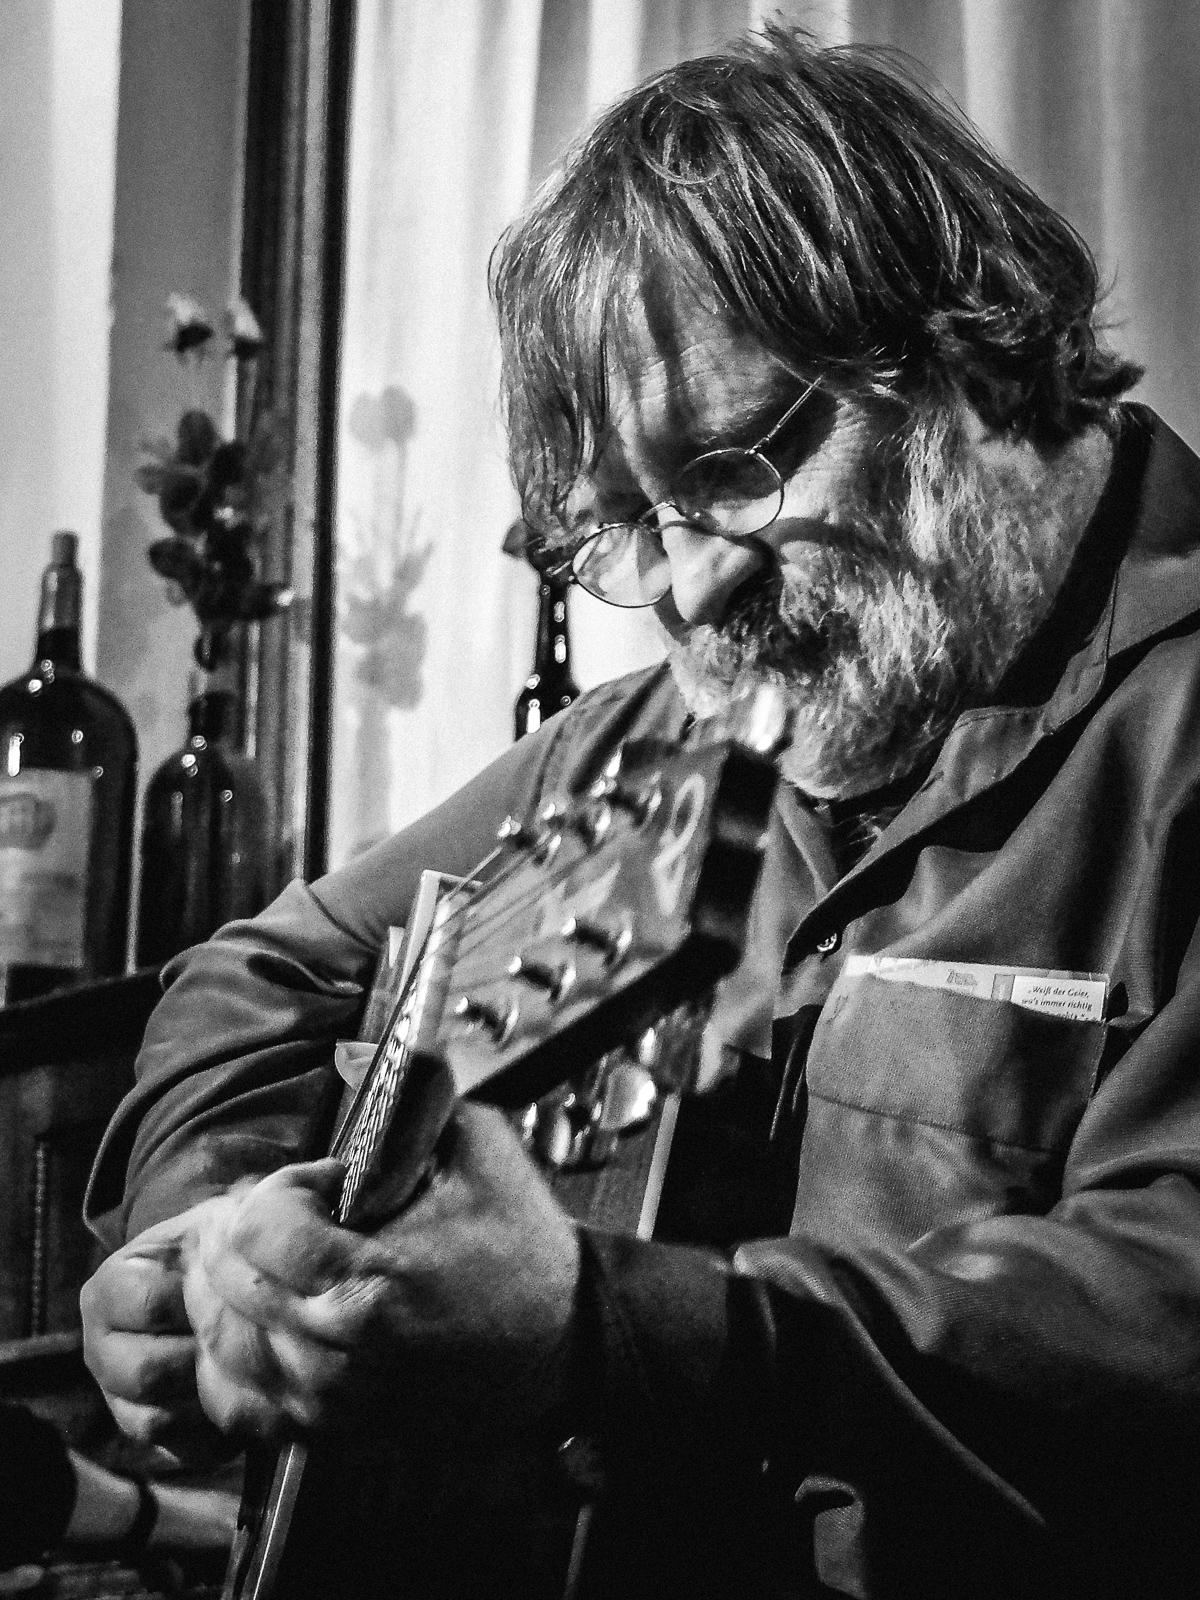 Tom Vieth Bluesmusiker Gitarrist Bluesgitarrist Blues Münster Münsterland NRW - Andreas Völker Fotograf Portraitfotograf Portraitfotos Eventfotograf Eventfotos